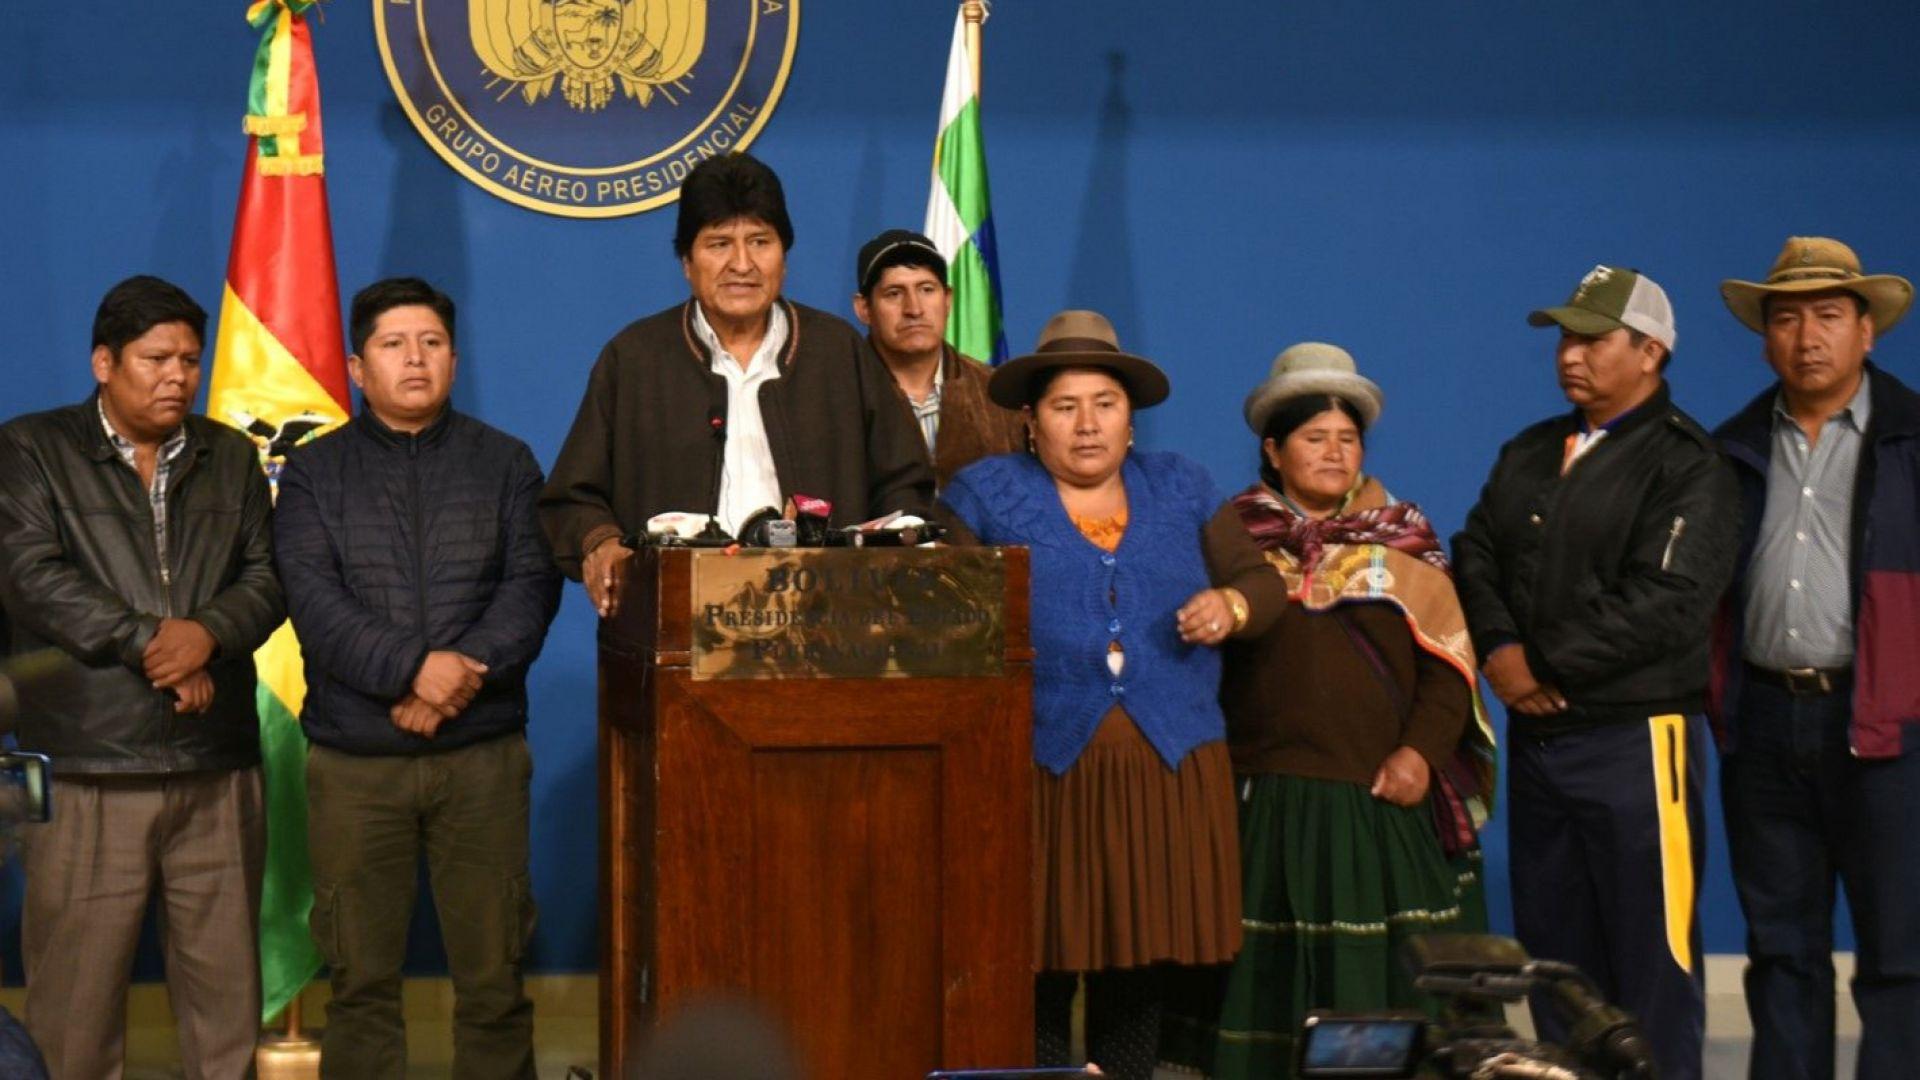 Ево Моралес пристигна в Аржентина, където получи политическо убежище